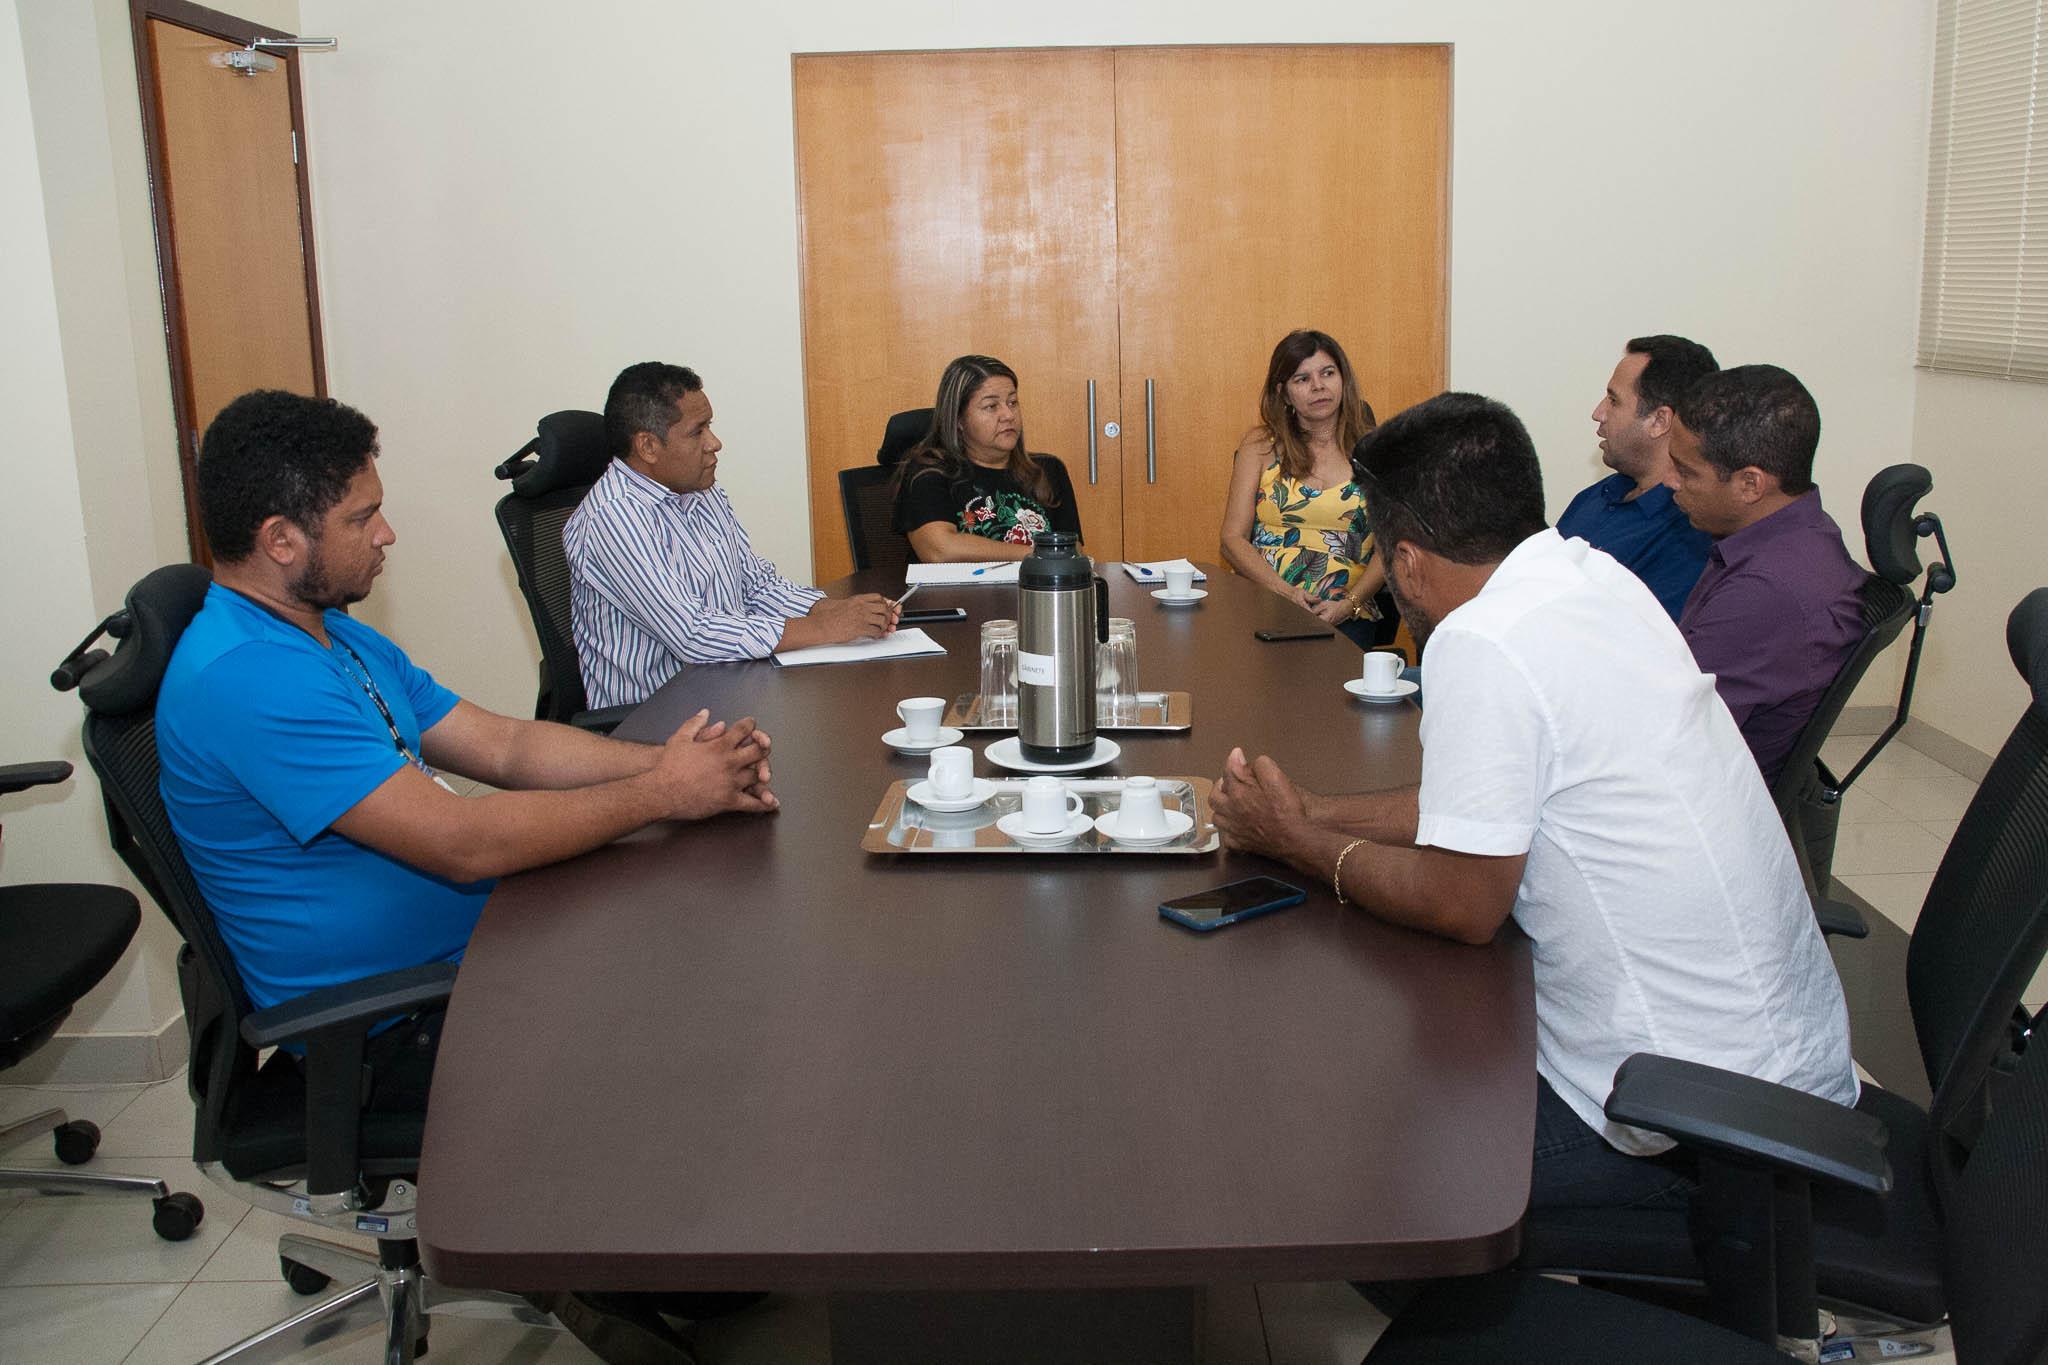 Reitora Suely Quixabeira , Vice-Reitora Simone Brito e professor Eduardo Ribeiro com os prefeitos de Lavandeira, Novo Alegre e Combinato